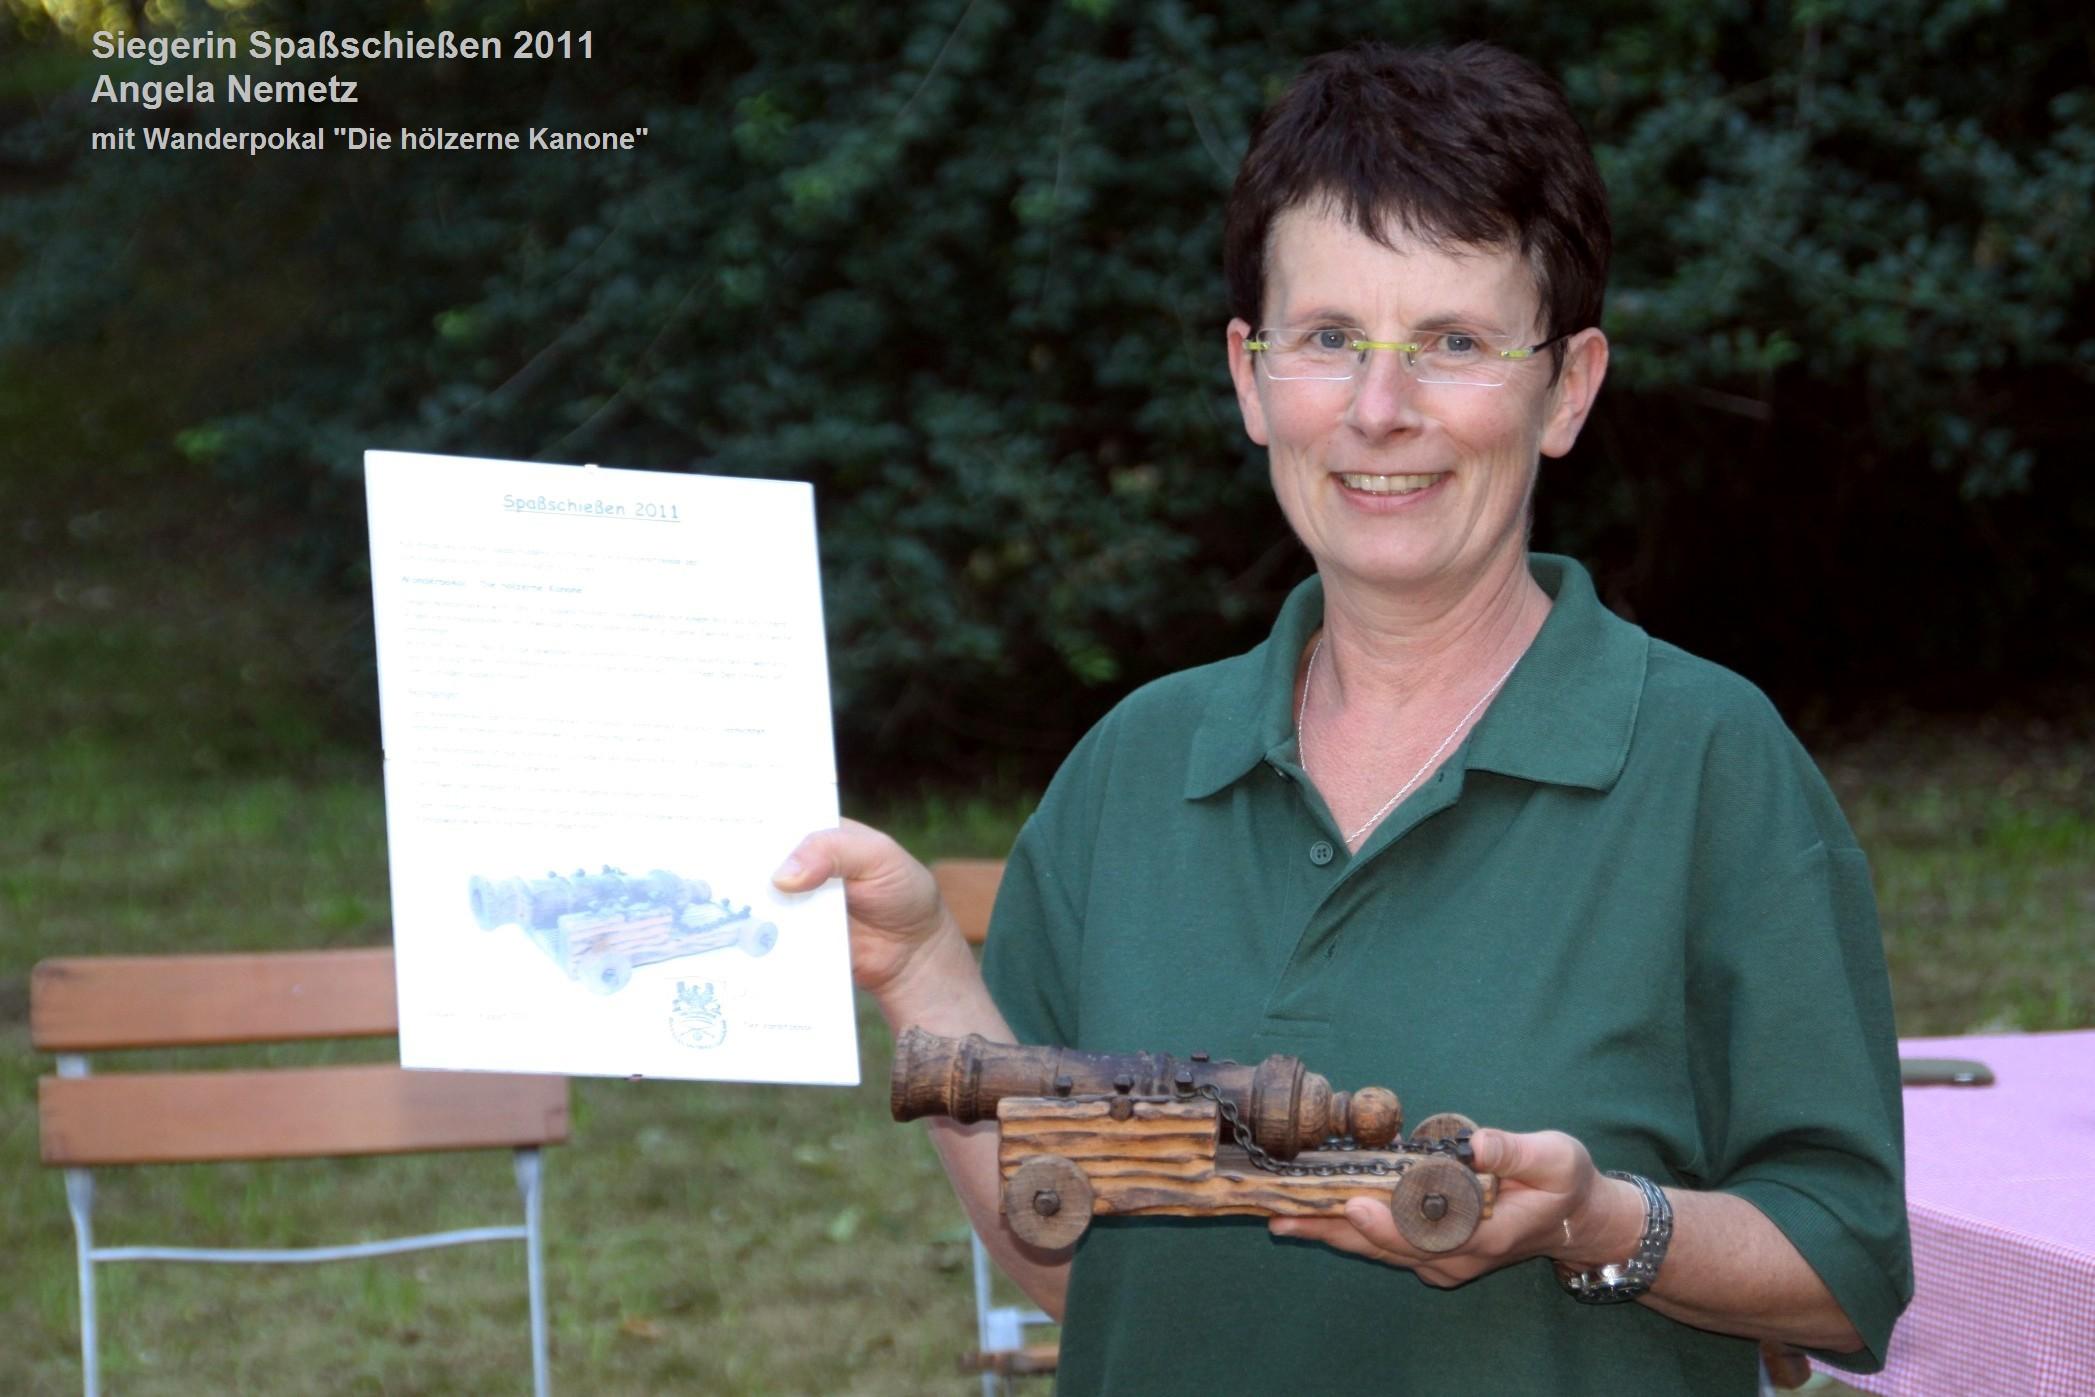 Sieger im Spass-Schiessen 2011 Angela Nemetz